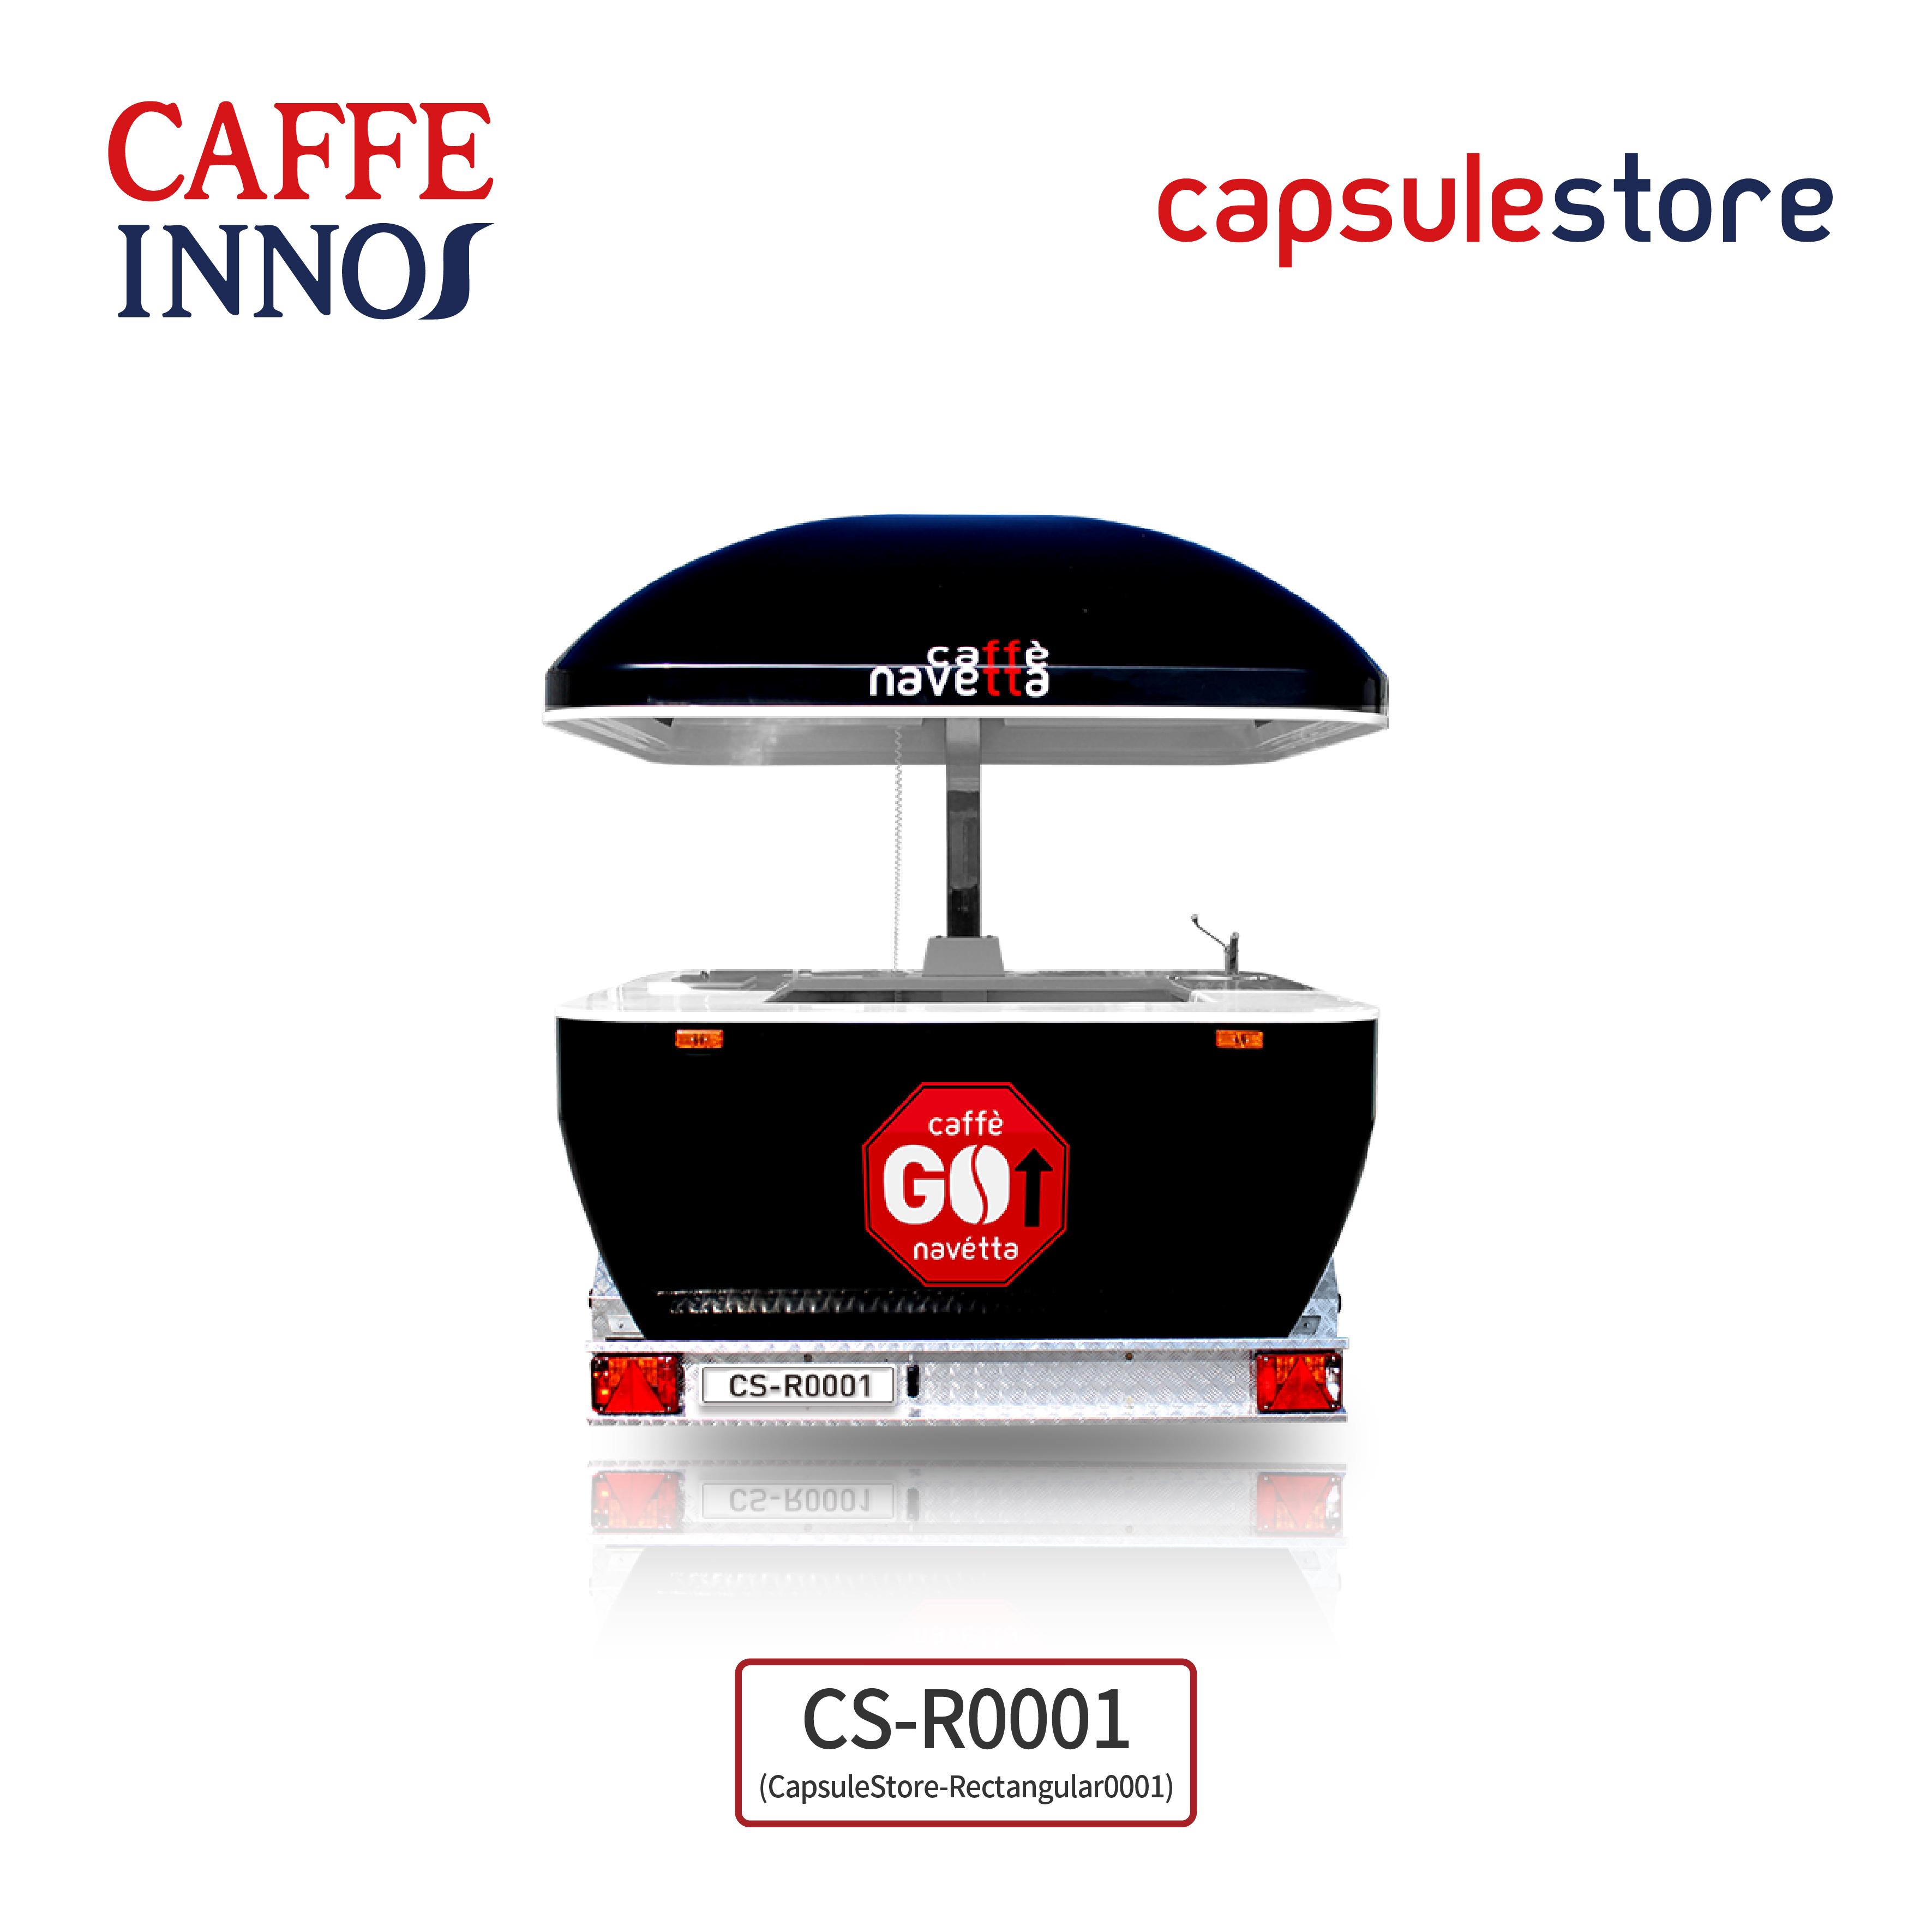 [캡슐스토어] 푸드트럭 푸드트레일러 커피케이터링서비스 커피차 소자본창업아이템 샵인샵 by 카페이노스